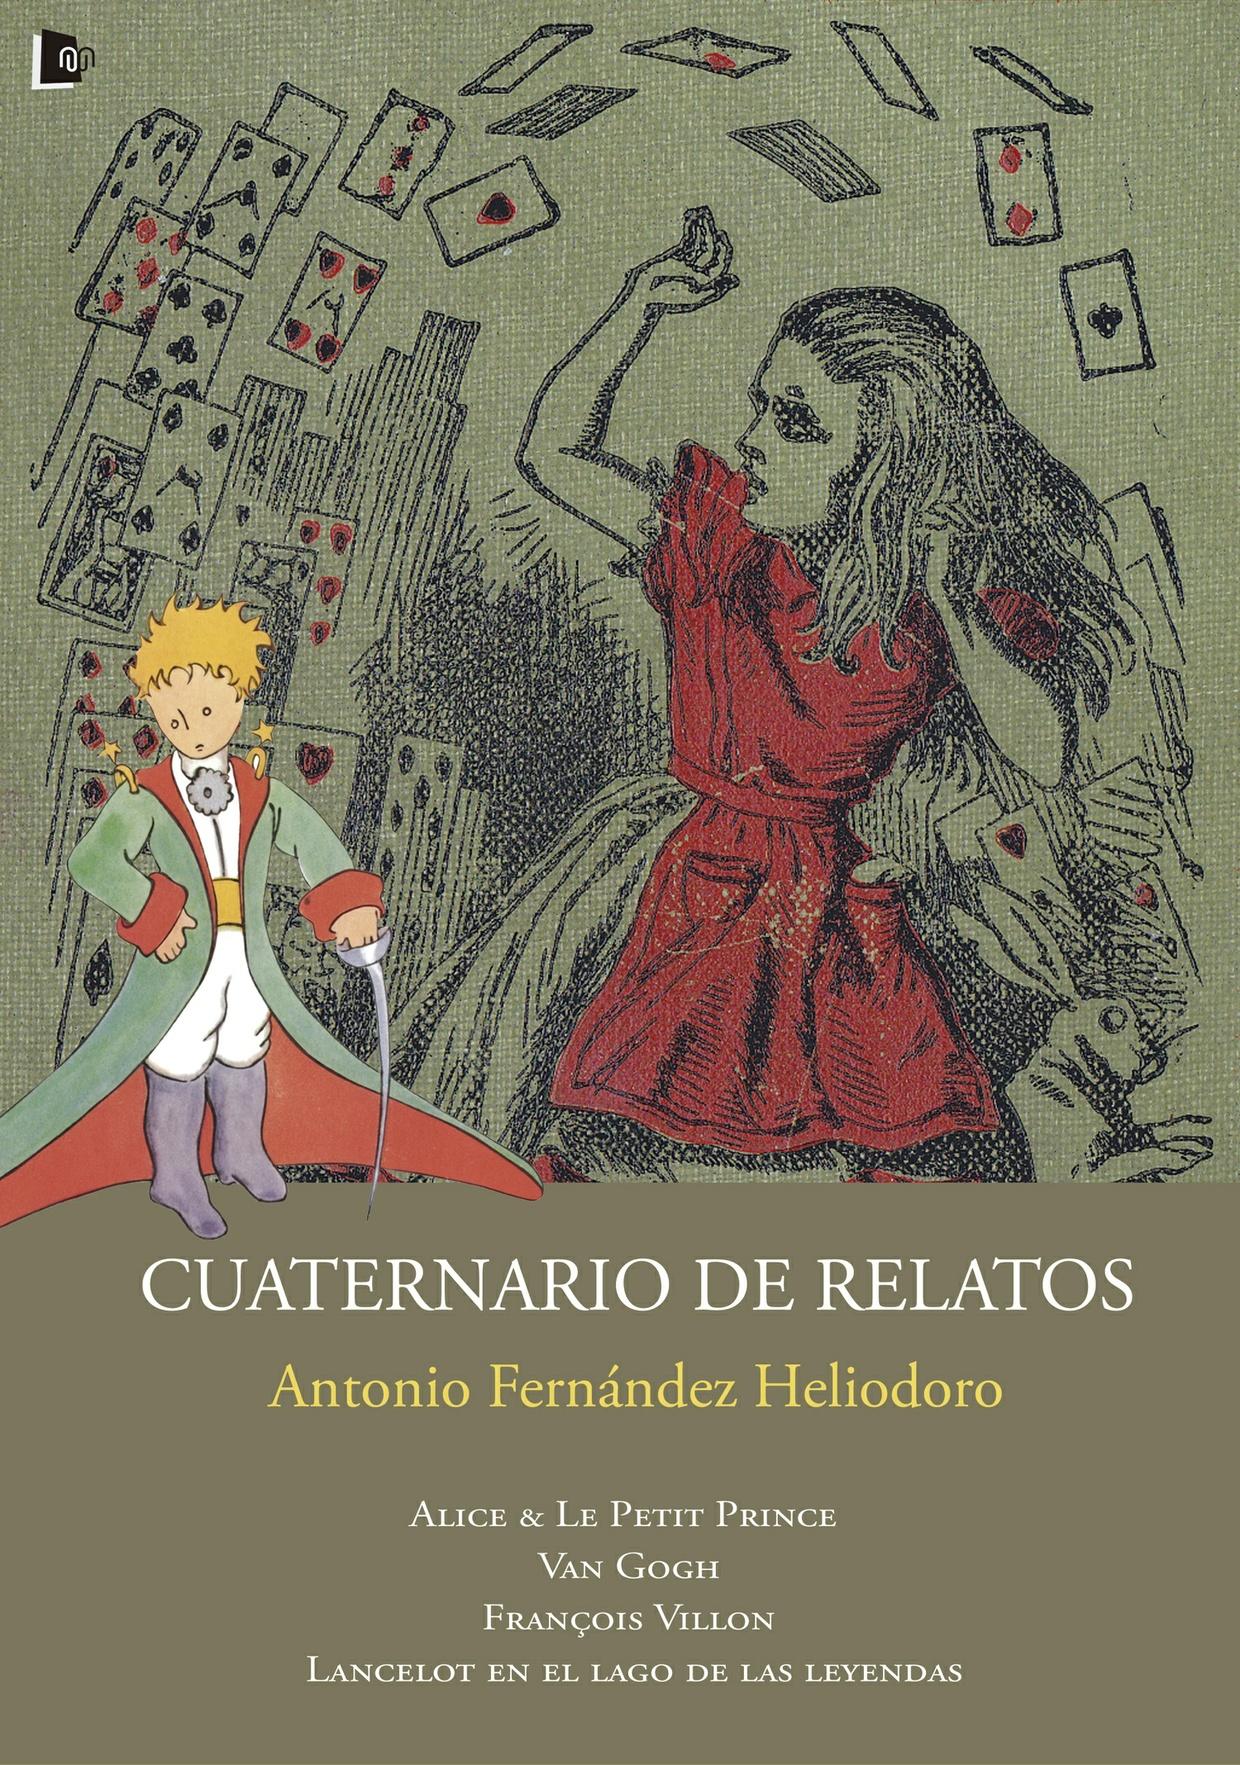 Cuaternario de relatos / Antonio Fernández Heliodoro